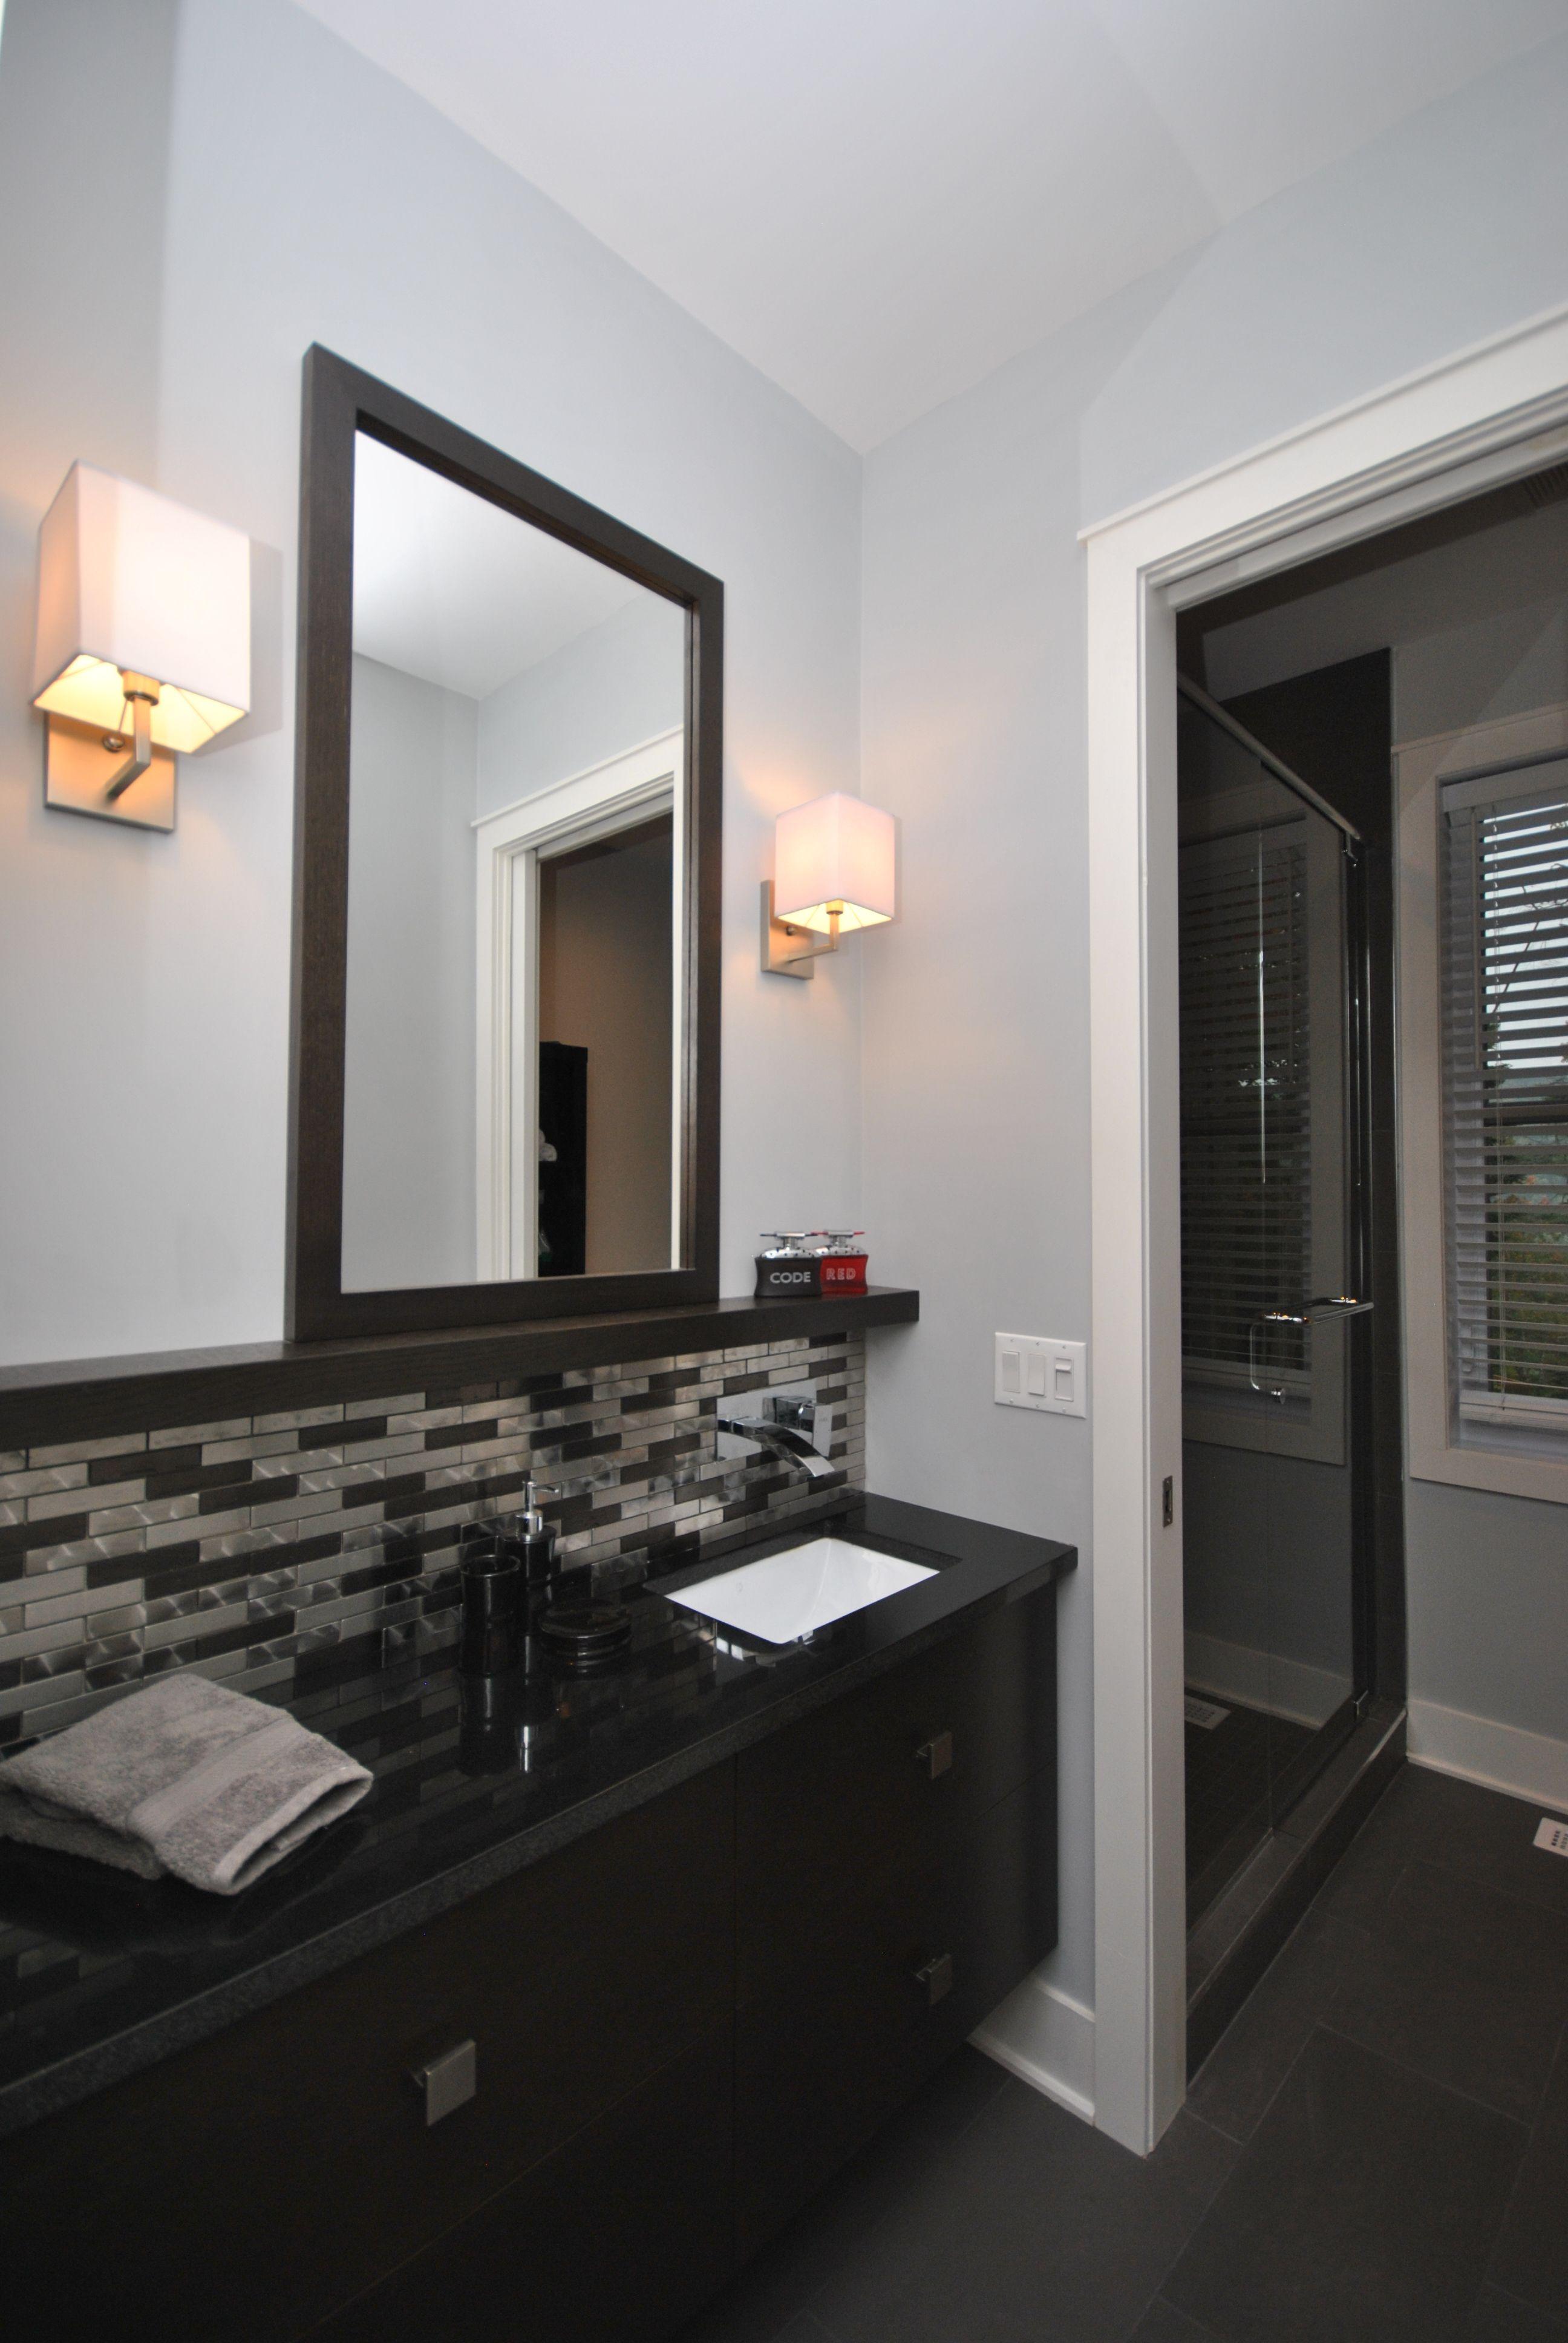 Meuble De Salle De Bain Masculin Avec Ses Choix De Couleurs Fonce Tant Pour Le Meuble Que La Cerami Bathroom Renovations Framed Bathroom Mirror Bathroom Mirror